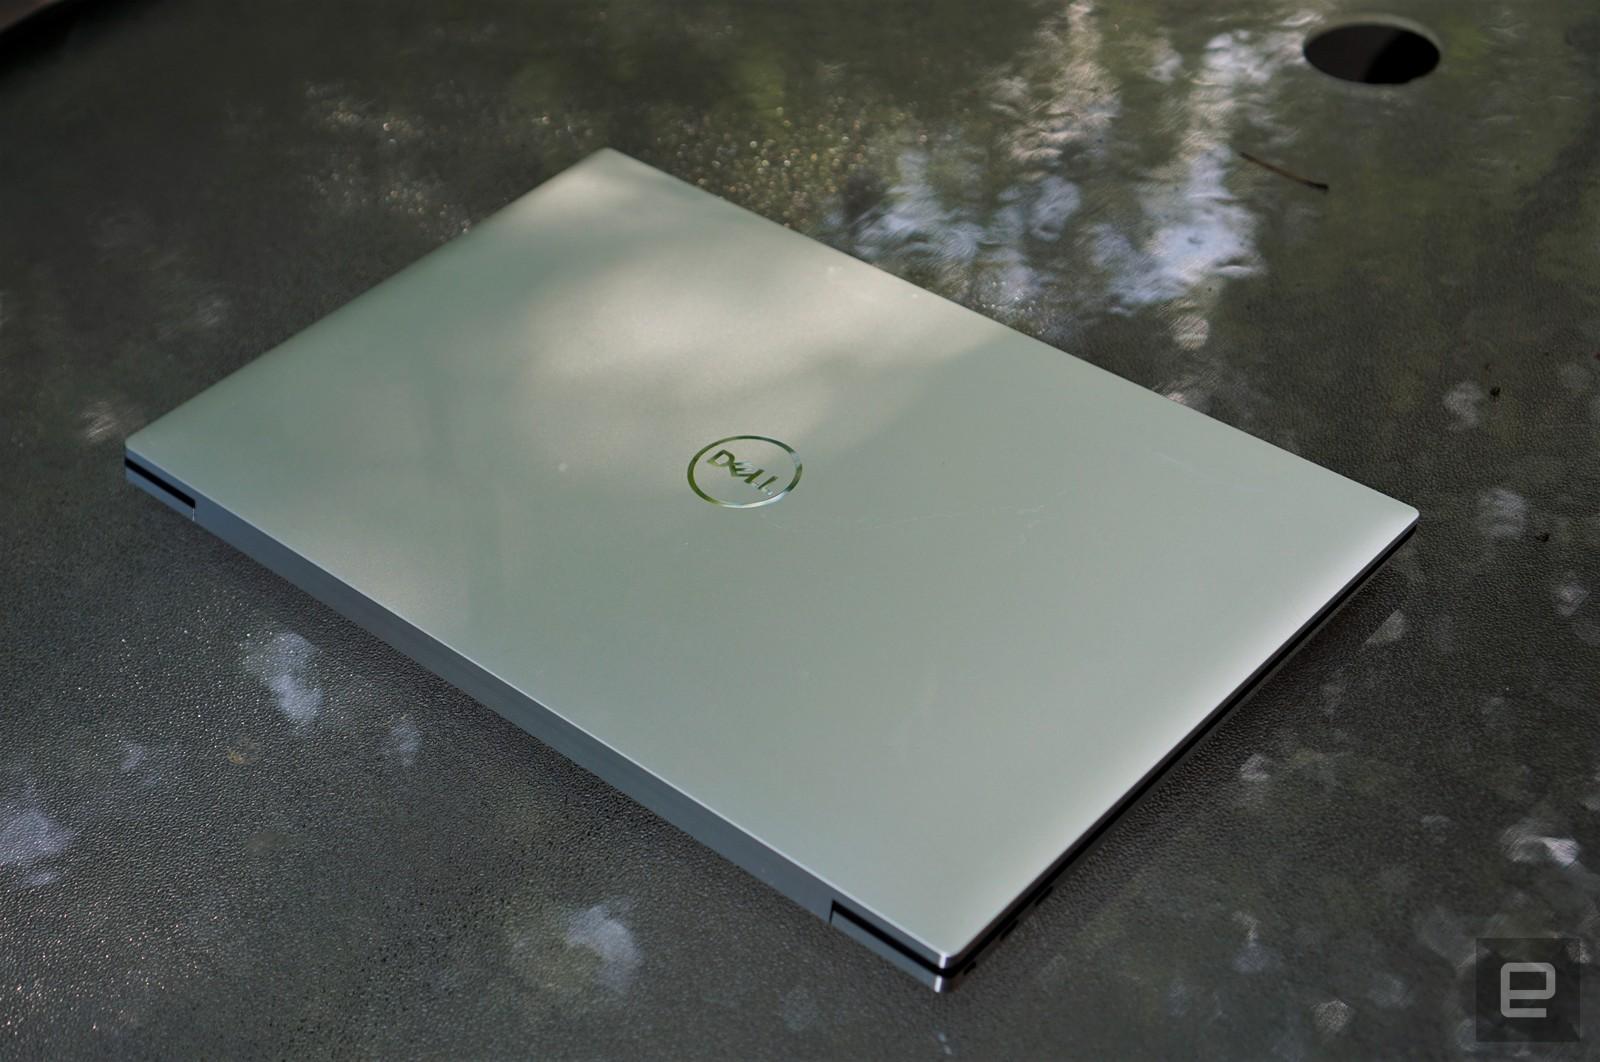 بررسی کامل و تخصصی لپ تاپ Dell XPS 17 مدل 2020: صفحه نمایش تا دلتان بخواهد بزرگ!